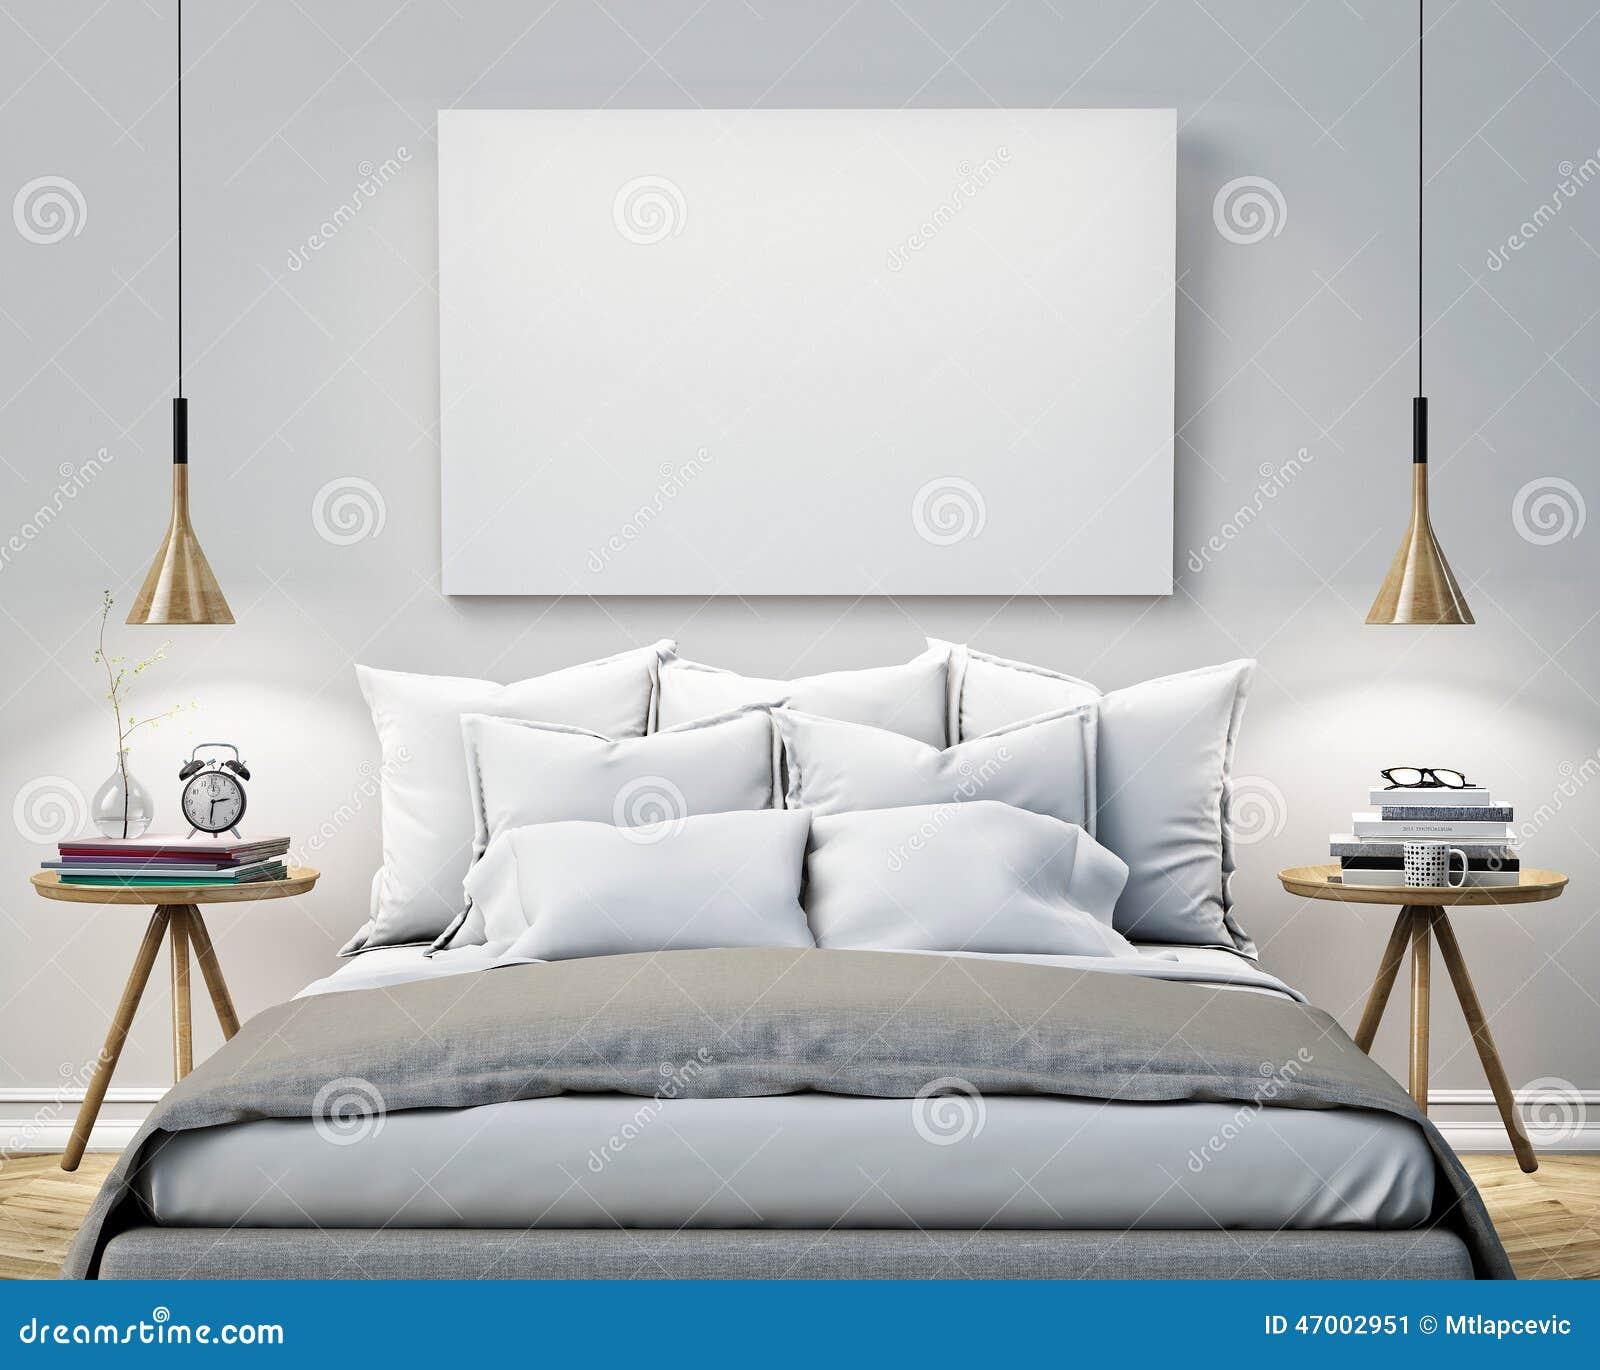 Förlöjliga upp den tomma affischen på väggen av sovrummet, bakgrund för illustration 3D